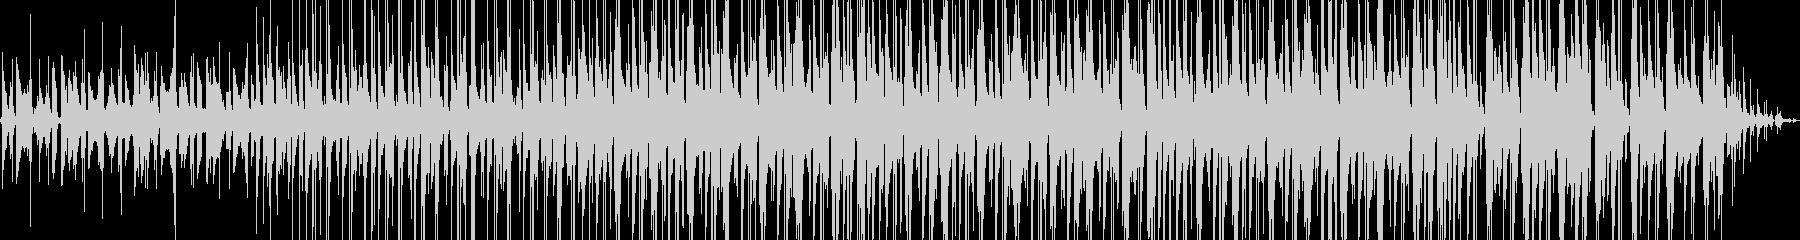 このインストゥルメンタルは、バトル...の未再生の波形